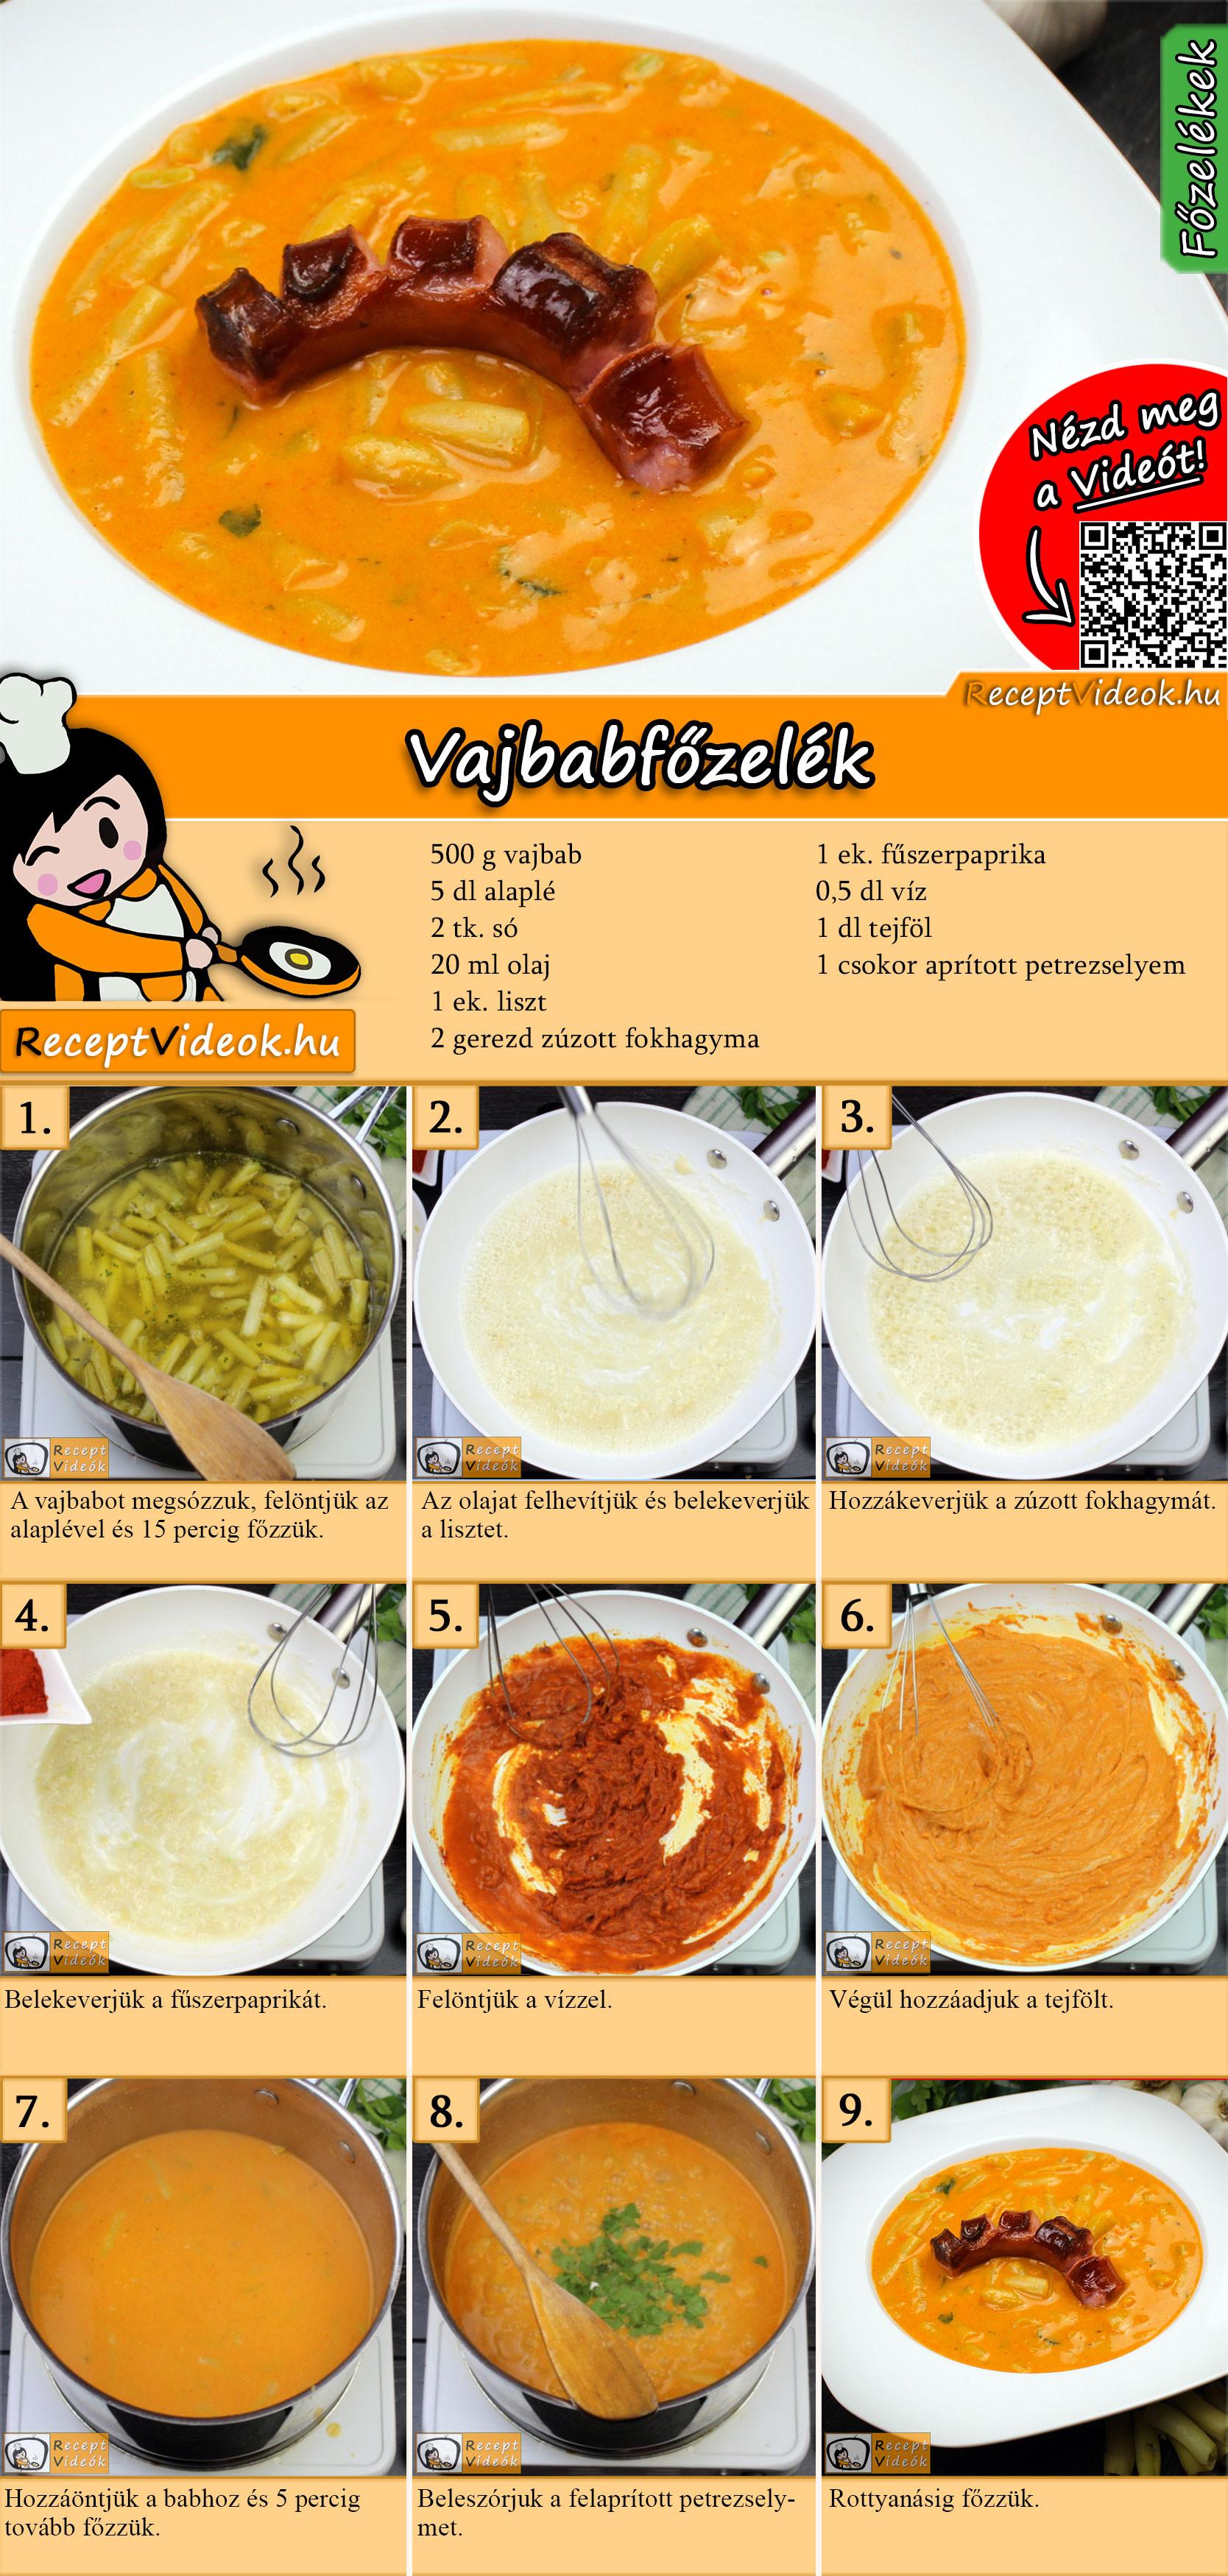 Vajbabfőzelék recept elkészítése videóval